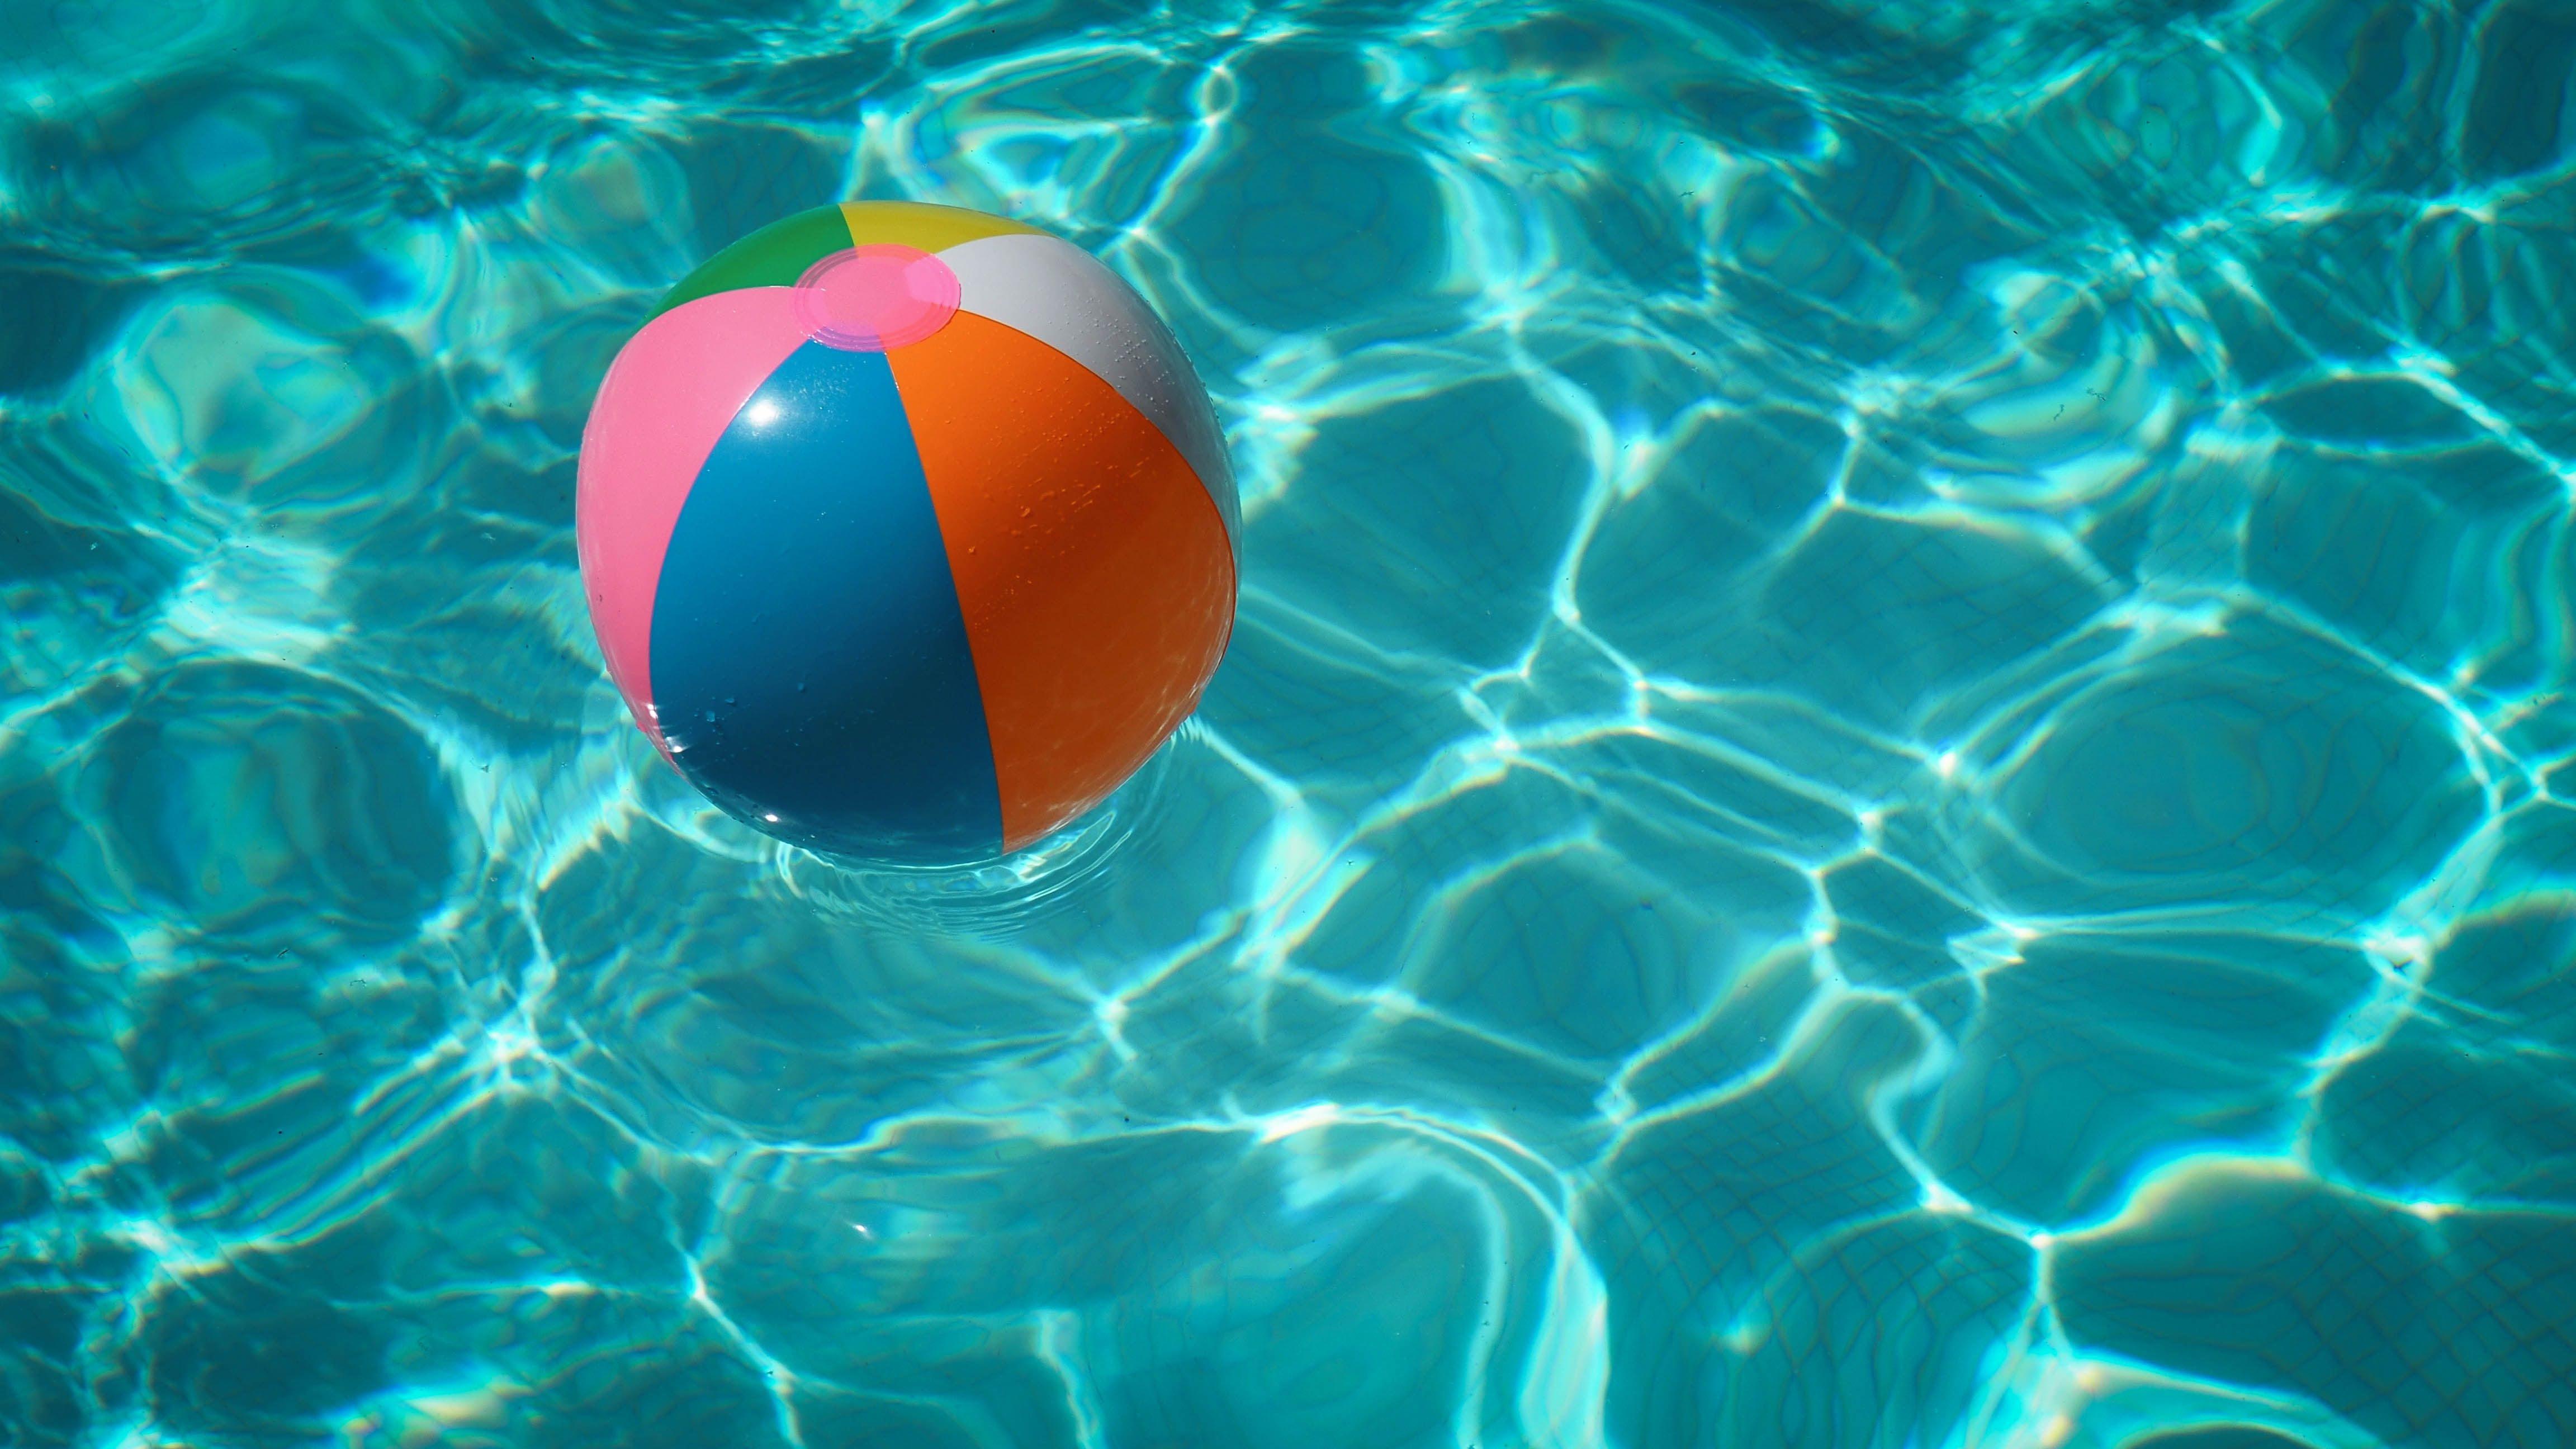 Epilepsia en verano: ¿qué precauciones tomar en la playa o piscina?